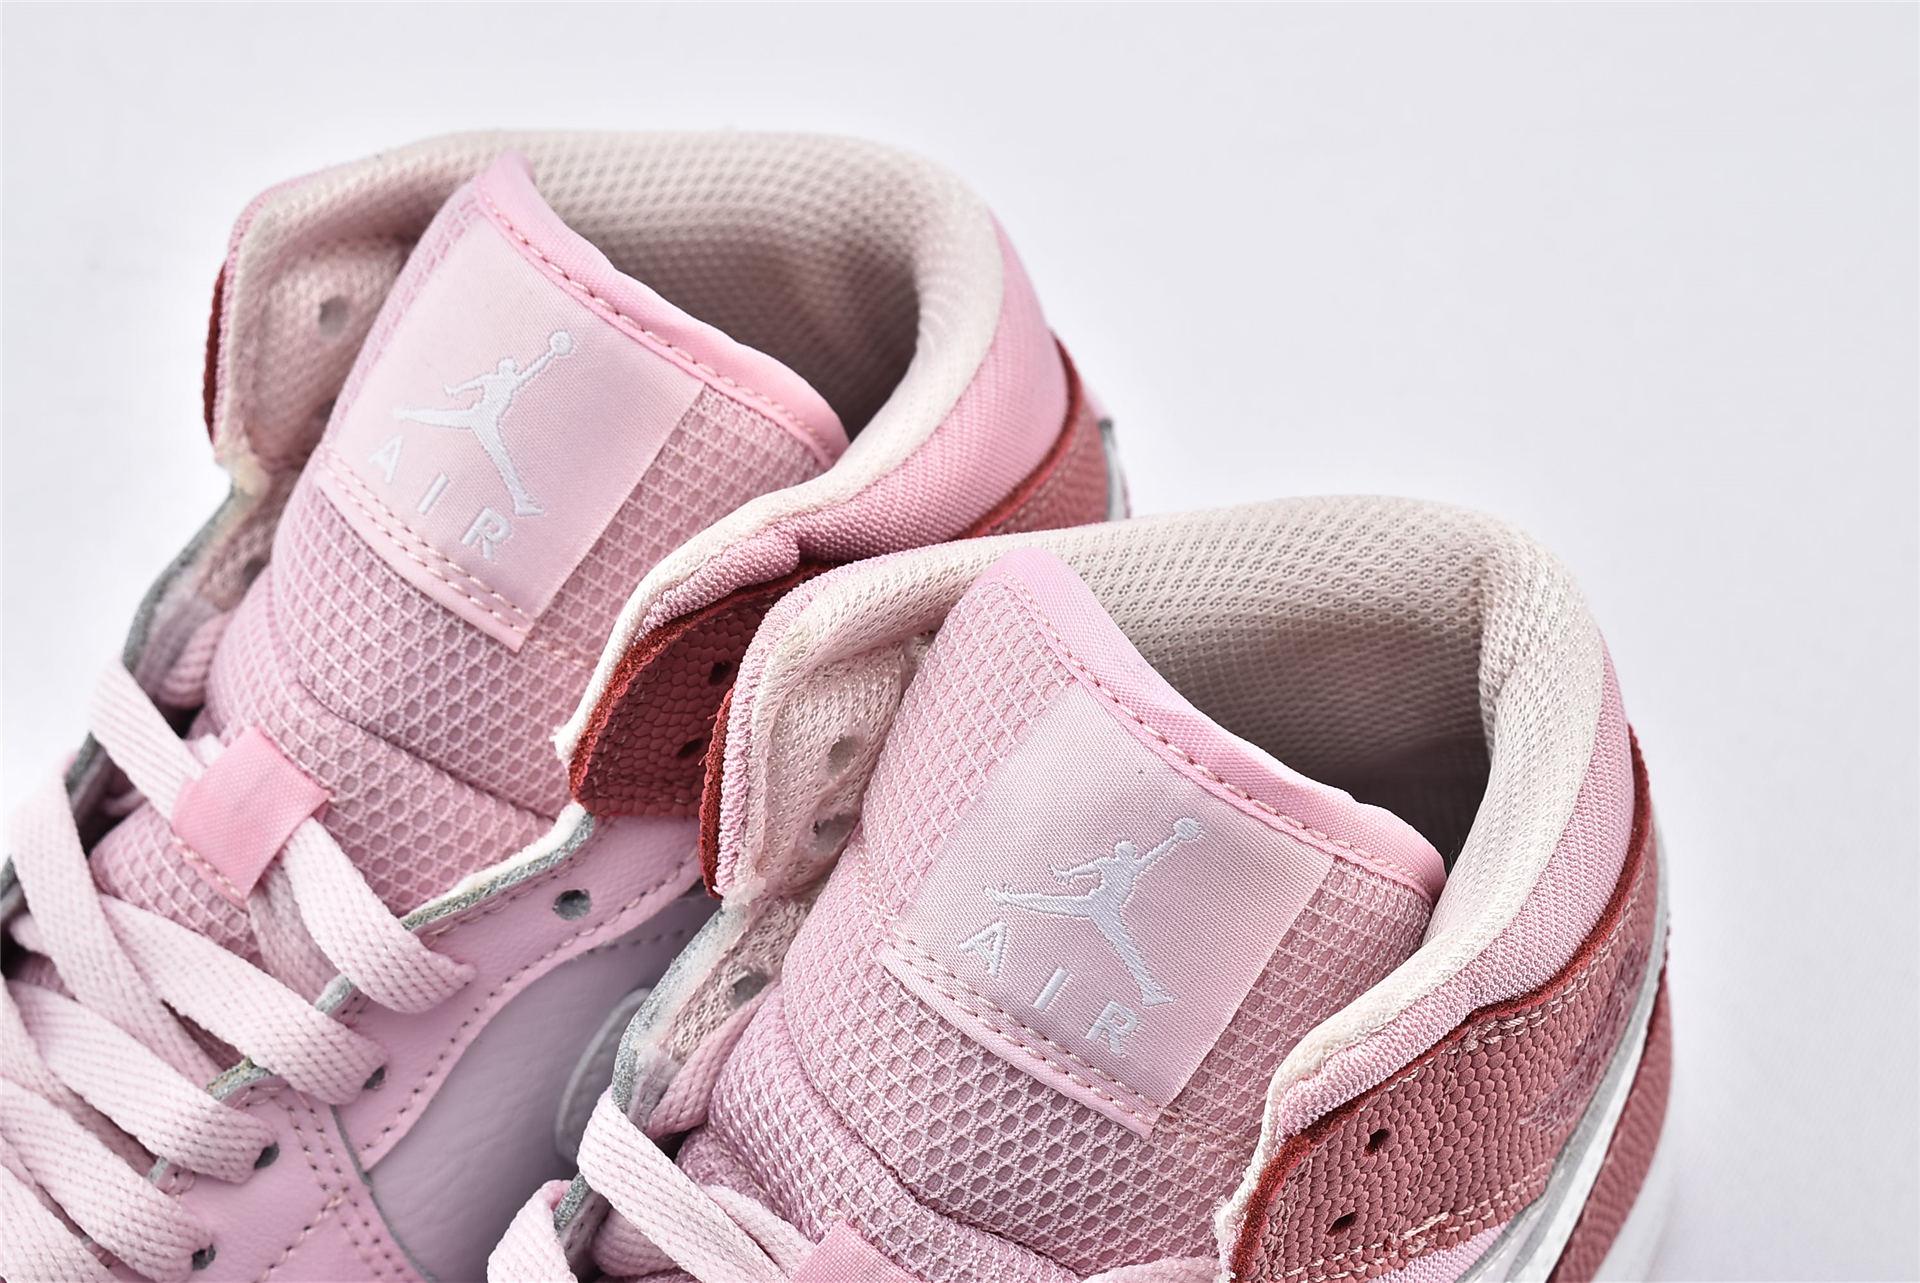 Air Jordan 1 Mid AJ1中帮篮球鞋/女神粉 樱花粉 数码粉  纯原版  货号:CW5379-600  女鞋